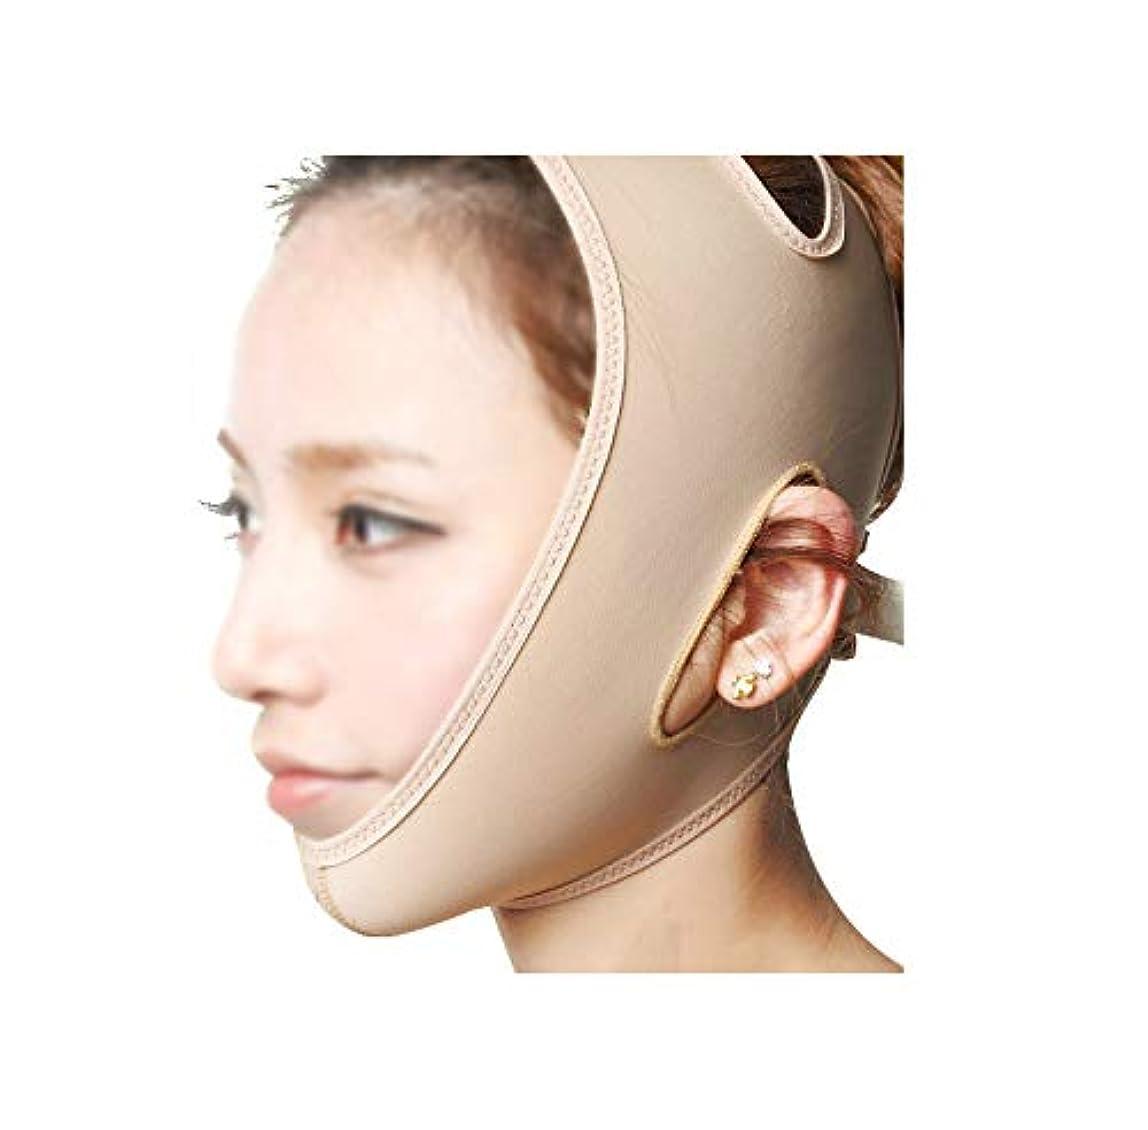 マイナーデコラティブアパートXHLMRMJ フェイスリフティングバンデージ、フェイスマスク3Dパネルデザイン、通気性のある非通気性、高弾性ライクラ生地フィジカルVフェイス、美しい顔の輪郭の作成 (Size : M)